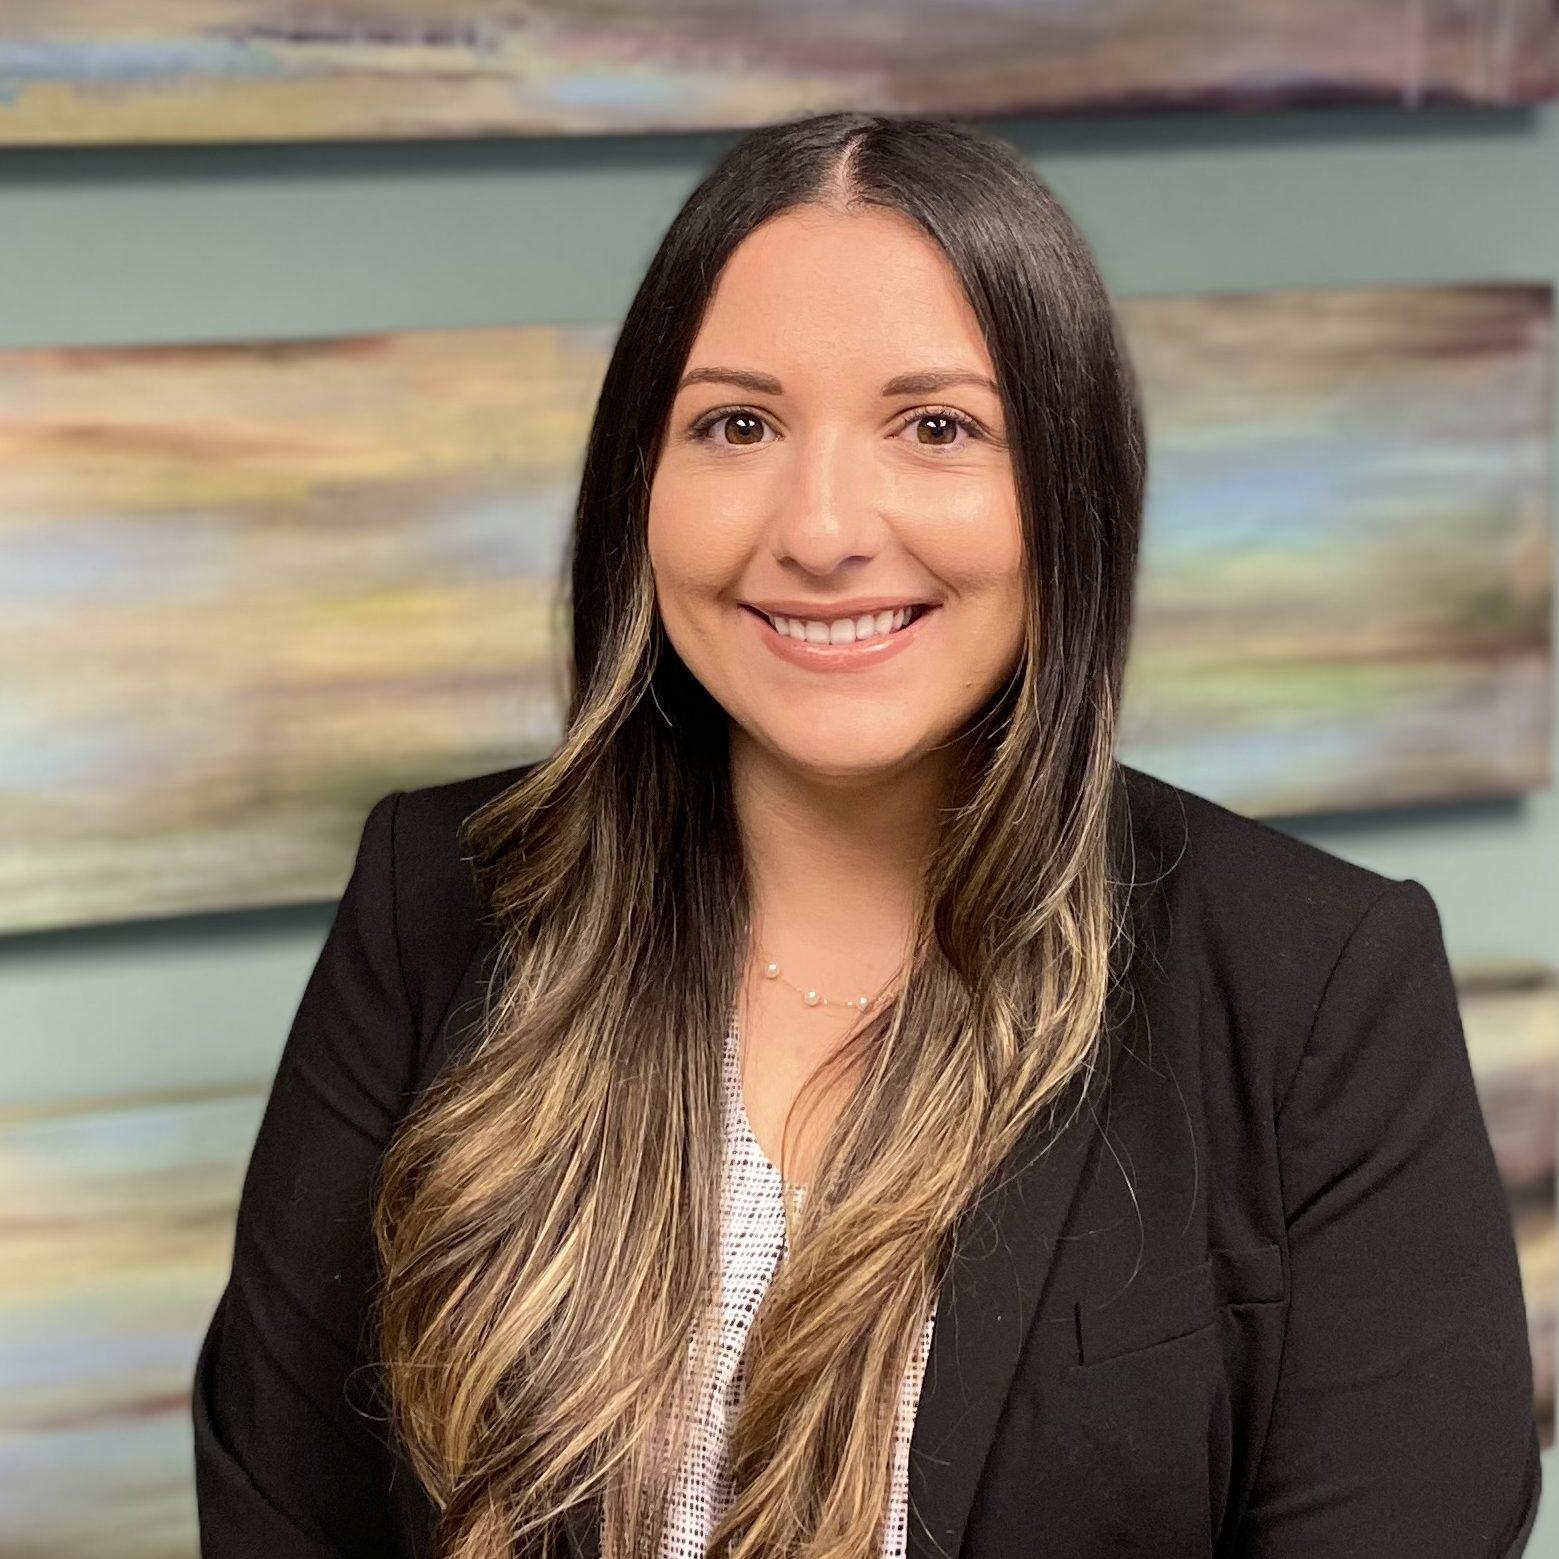 Lauren M. Cabrera